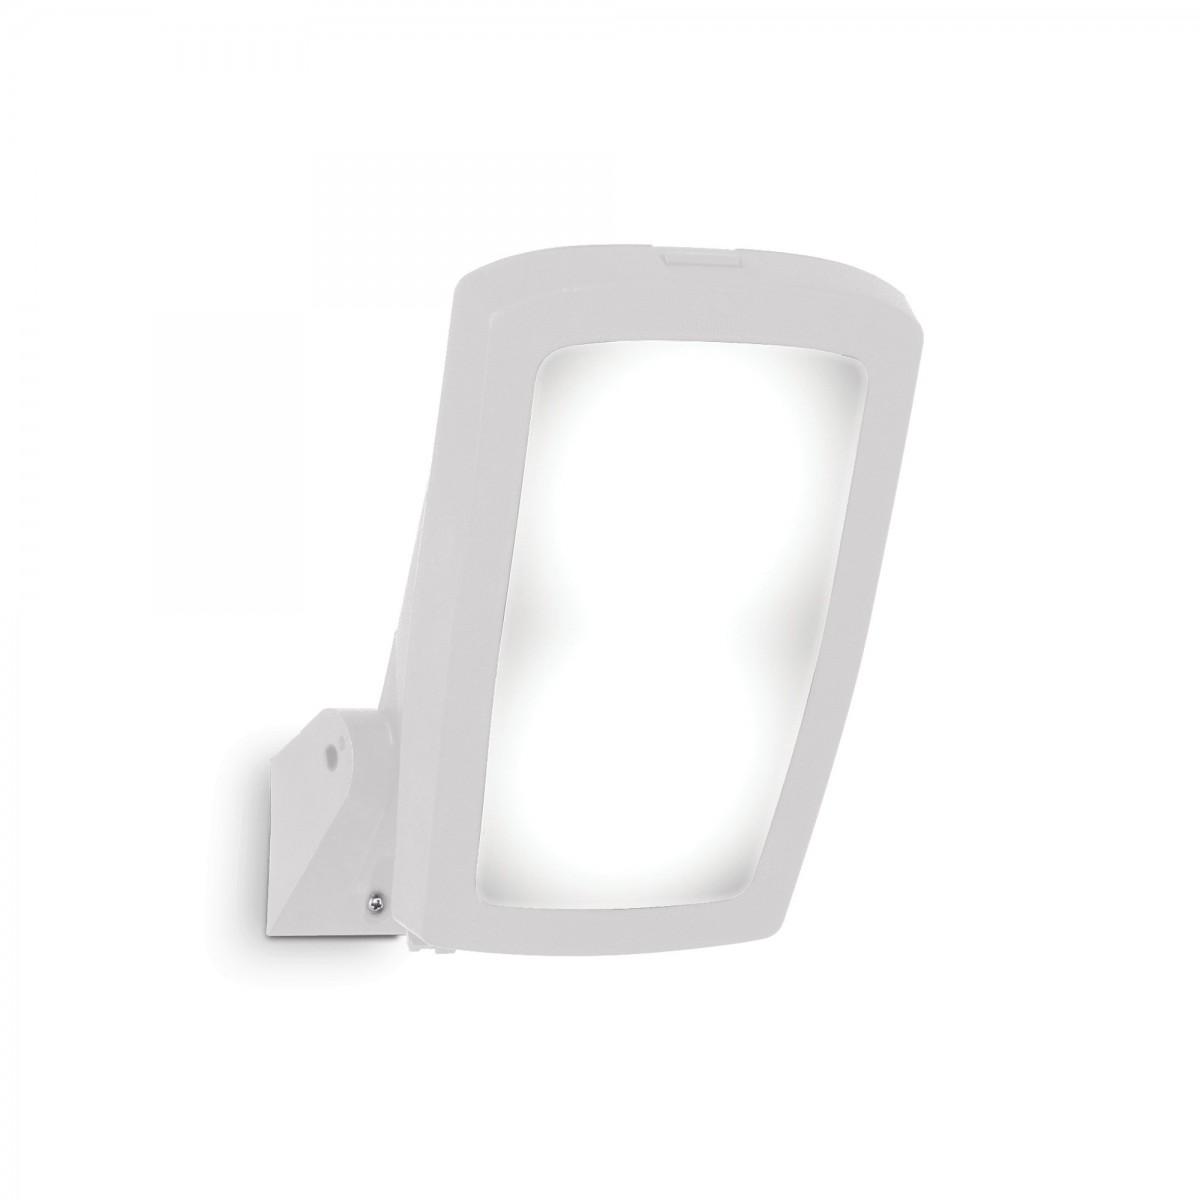 venkovní nástěnné svítidlo Ideal lux Germana AP1 120188 1x23W E27 - bílá